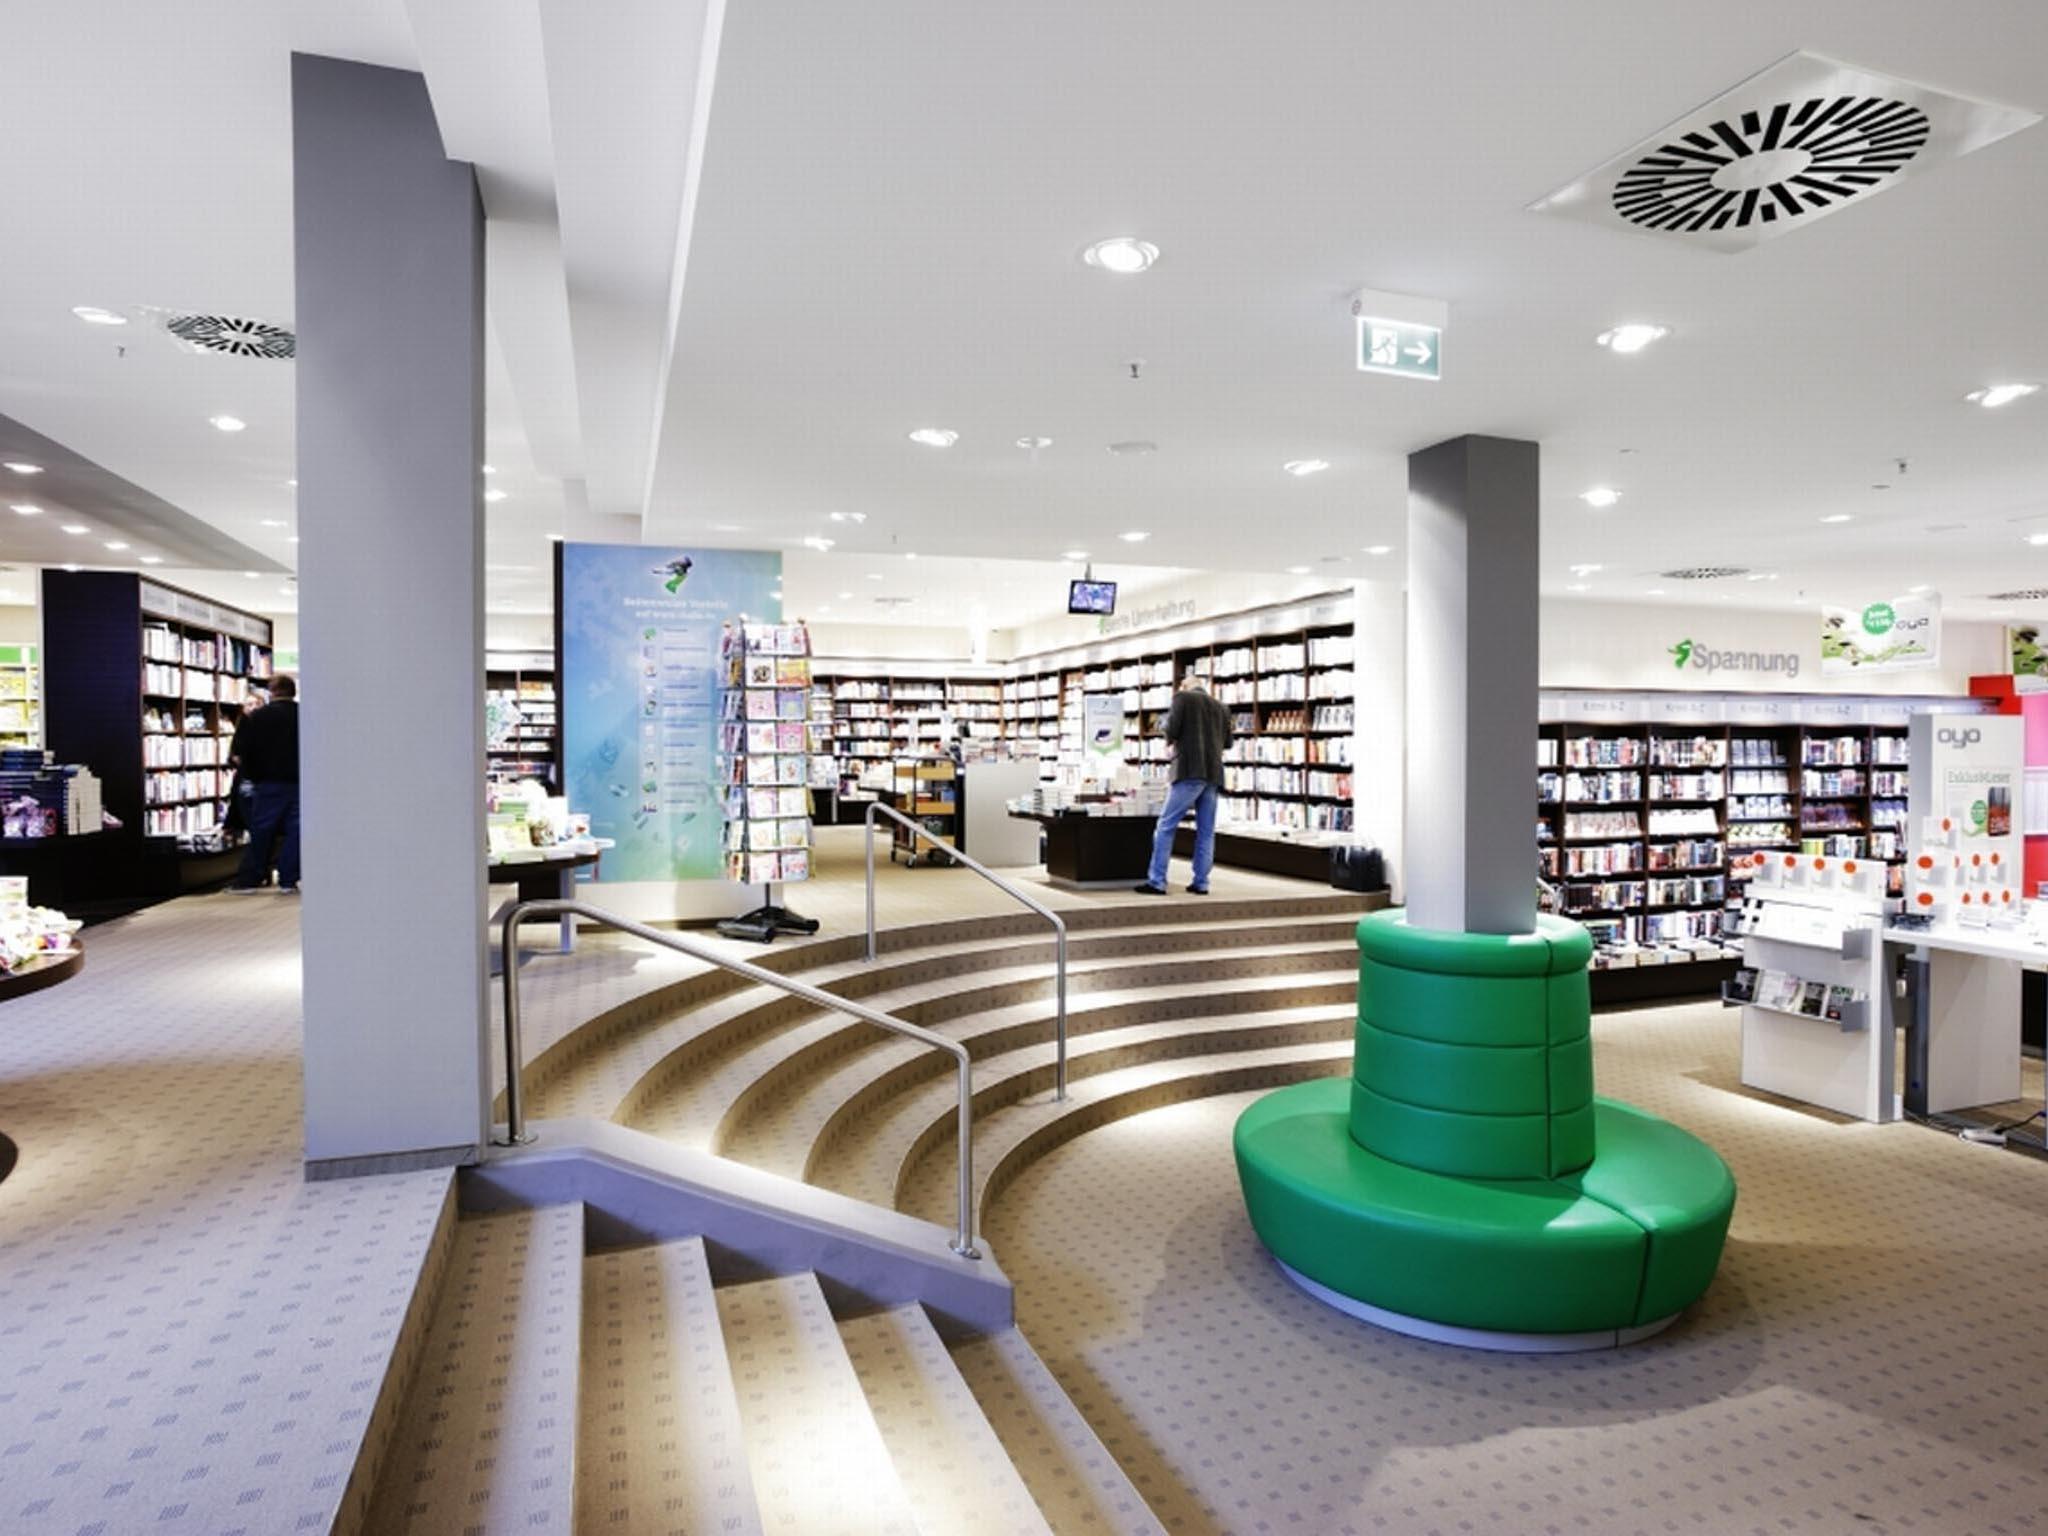 moderner Verkaufsraum eines Buchladens